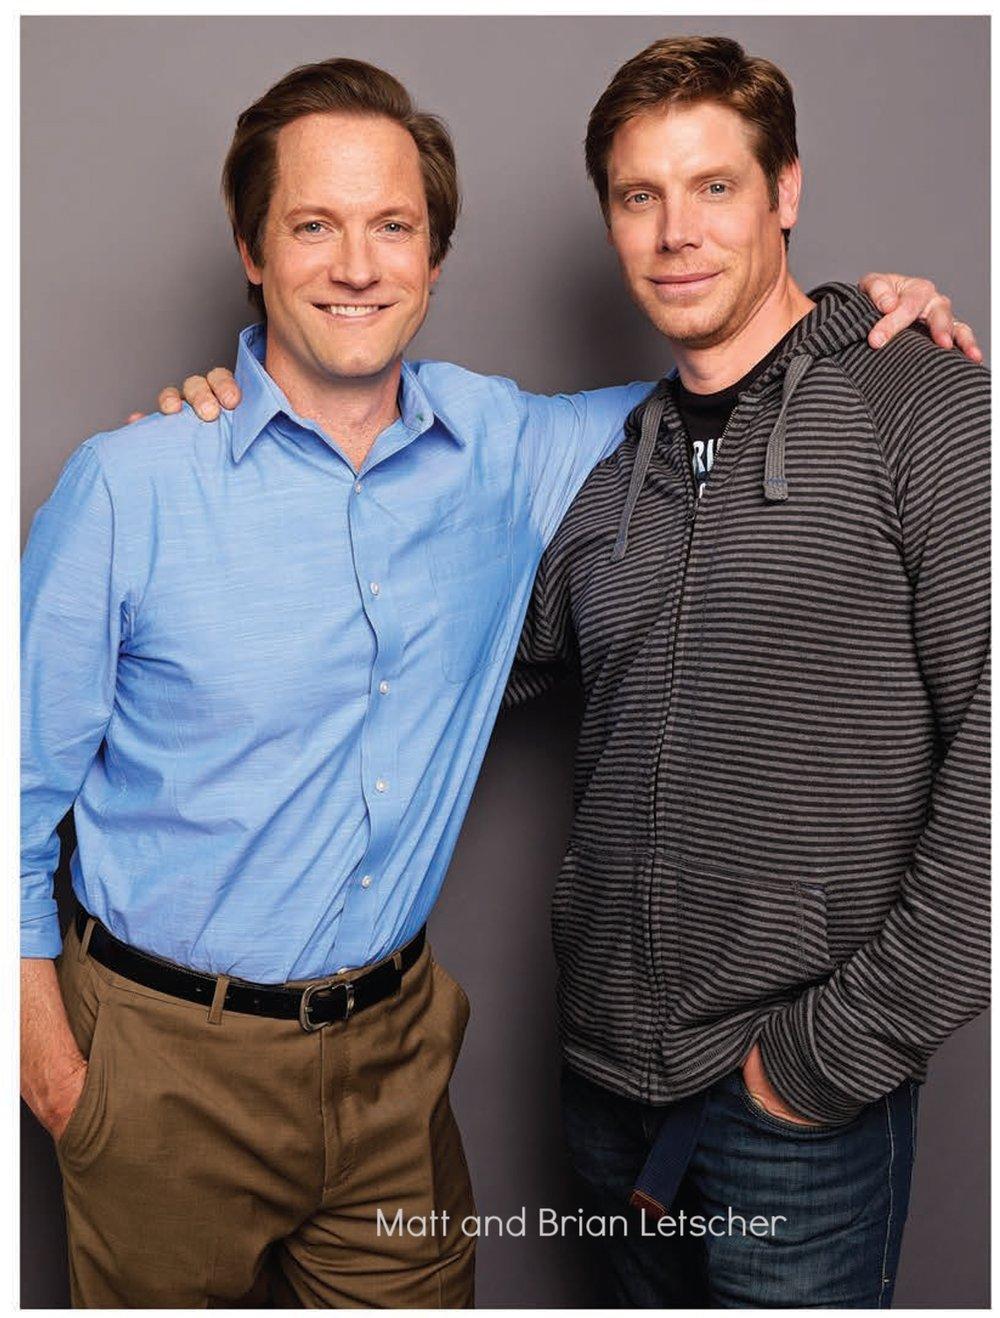 Brian and Matt Lescher for Regardmag.com.jpg